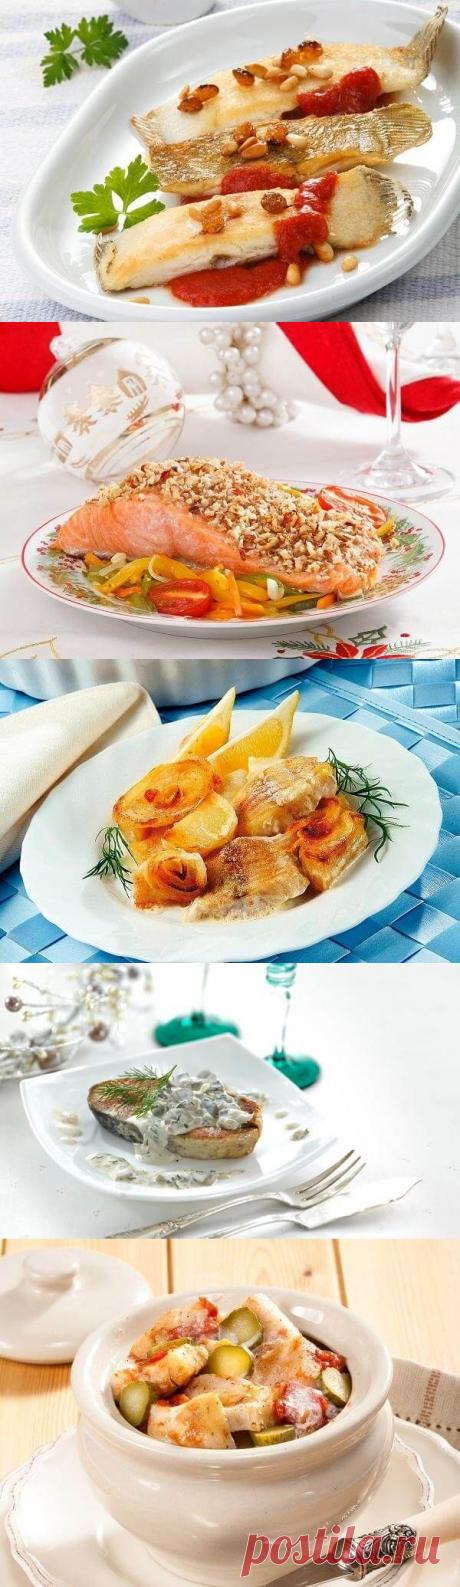 Самая вкусная рыба: 10 вдохновляющих рецептов — Бабушкины секреты